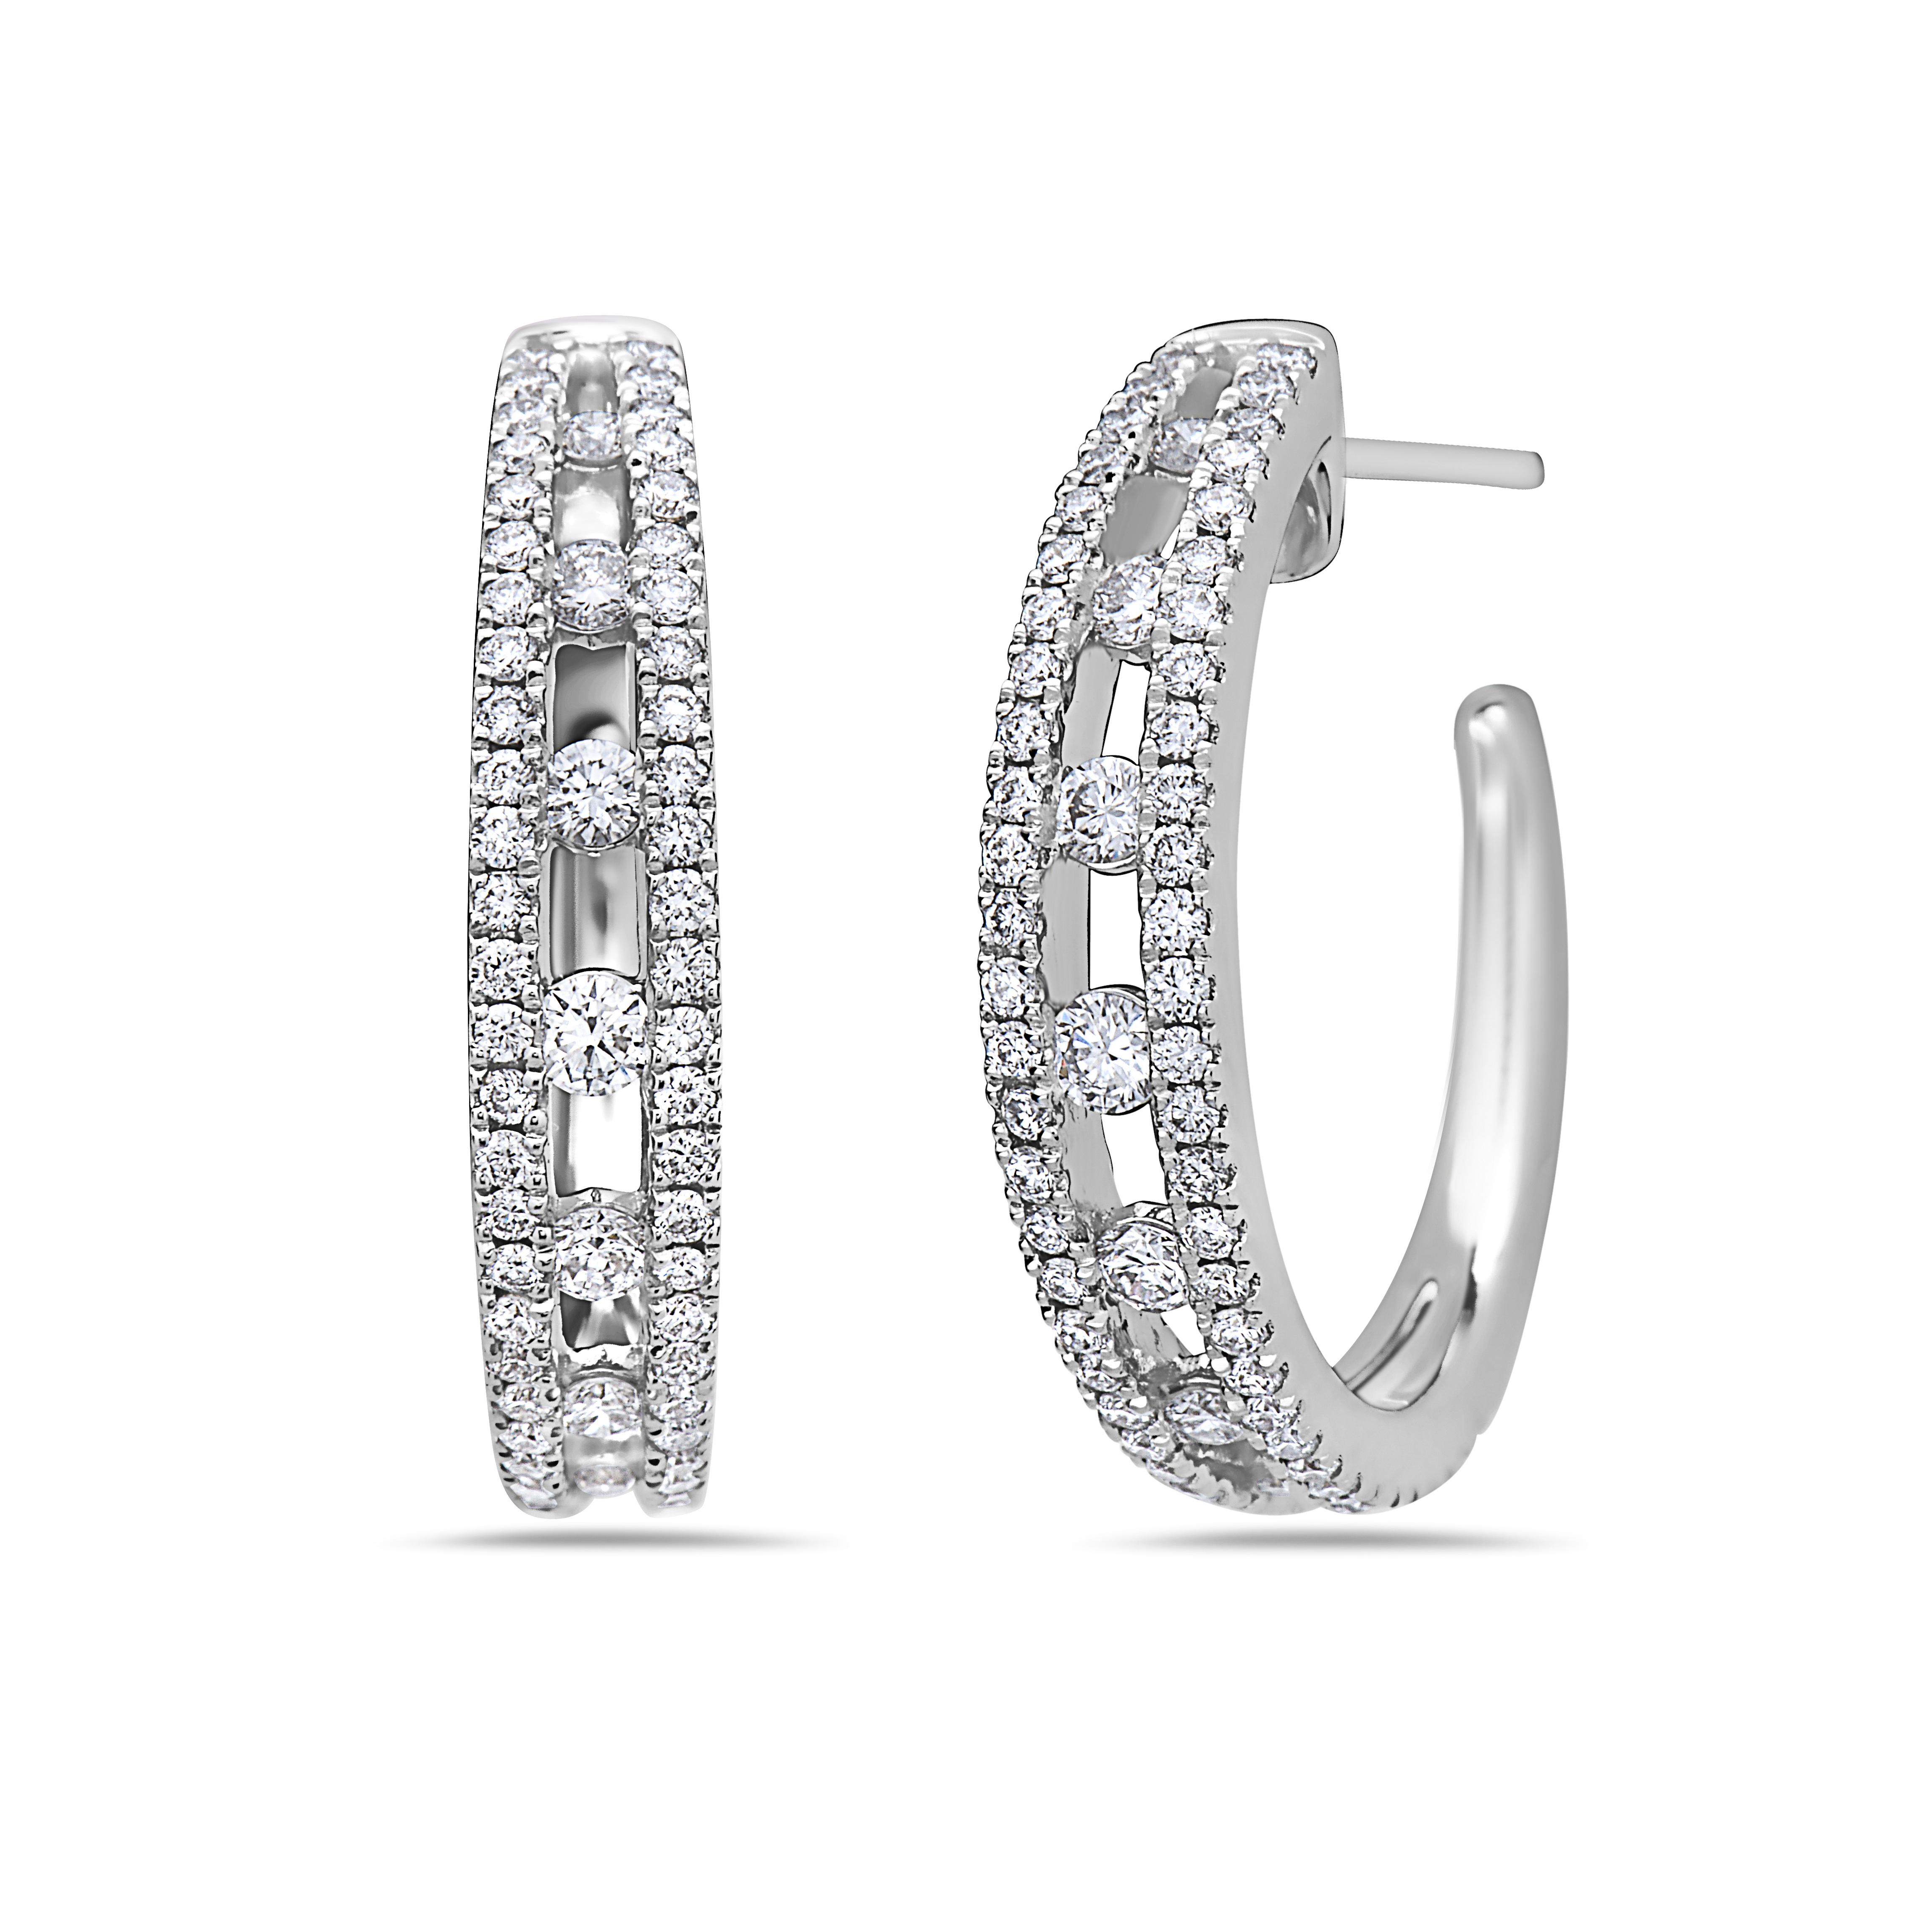 Charles Krypell 18 Karat White Gold Diamond Single Row Earrings